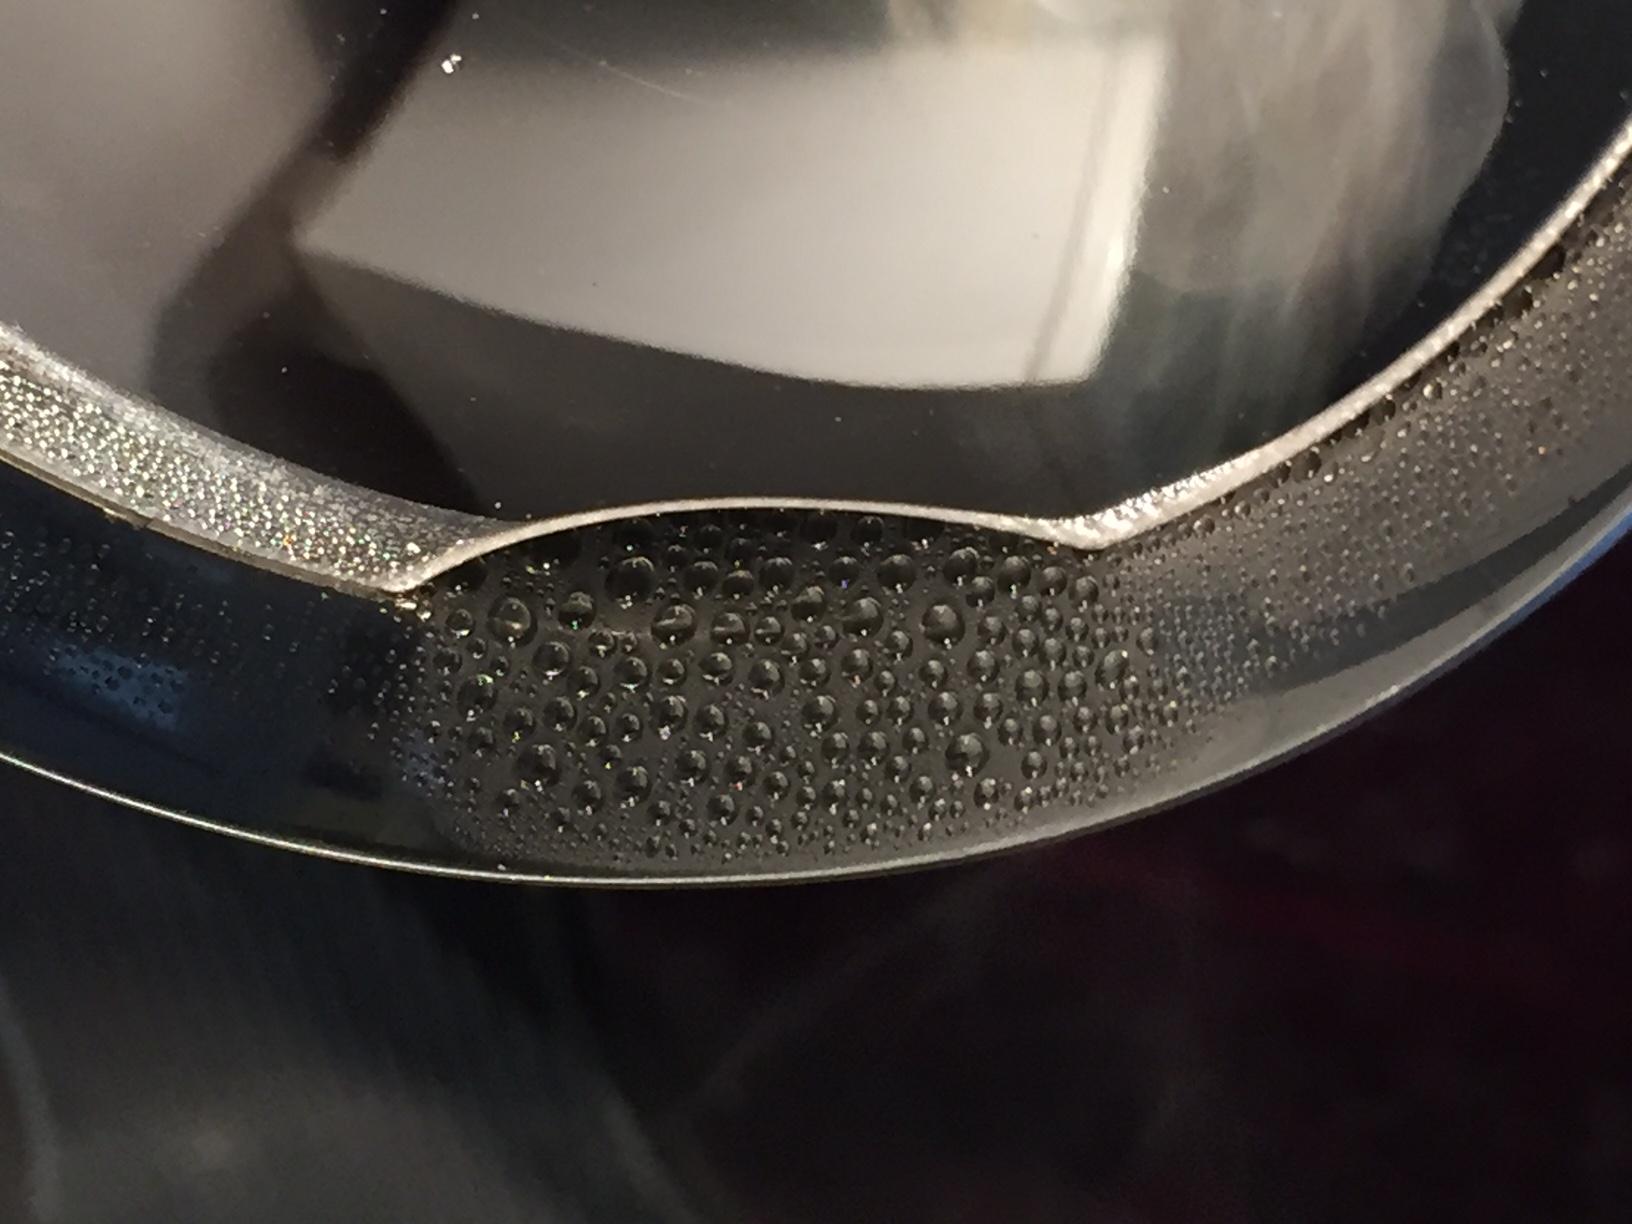 Detailaufnahme Bialetti Venus Cafetiere